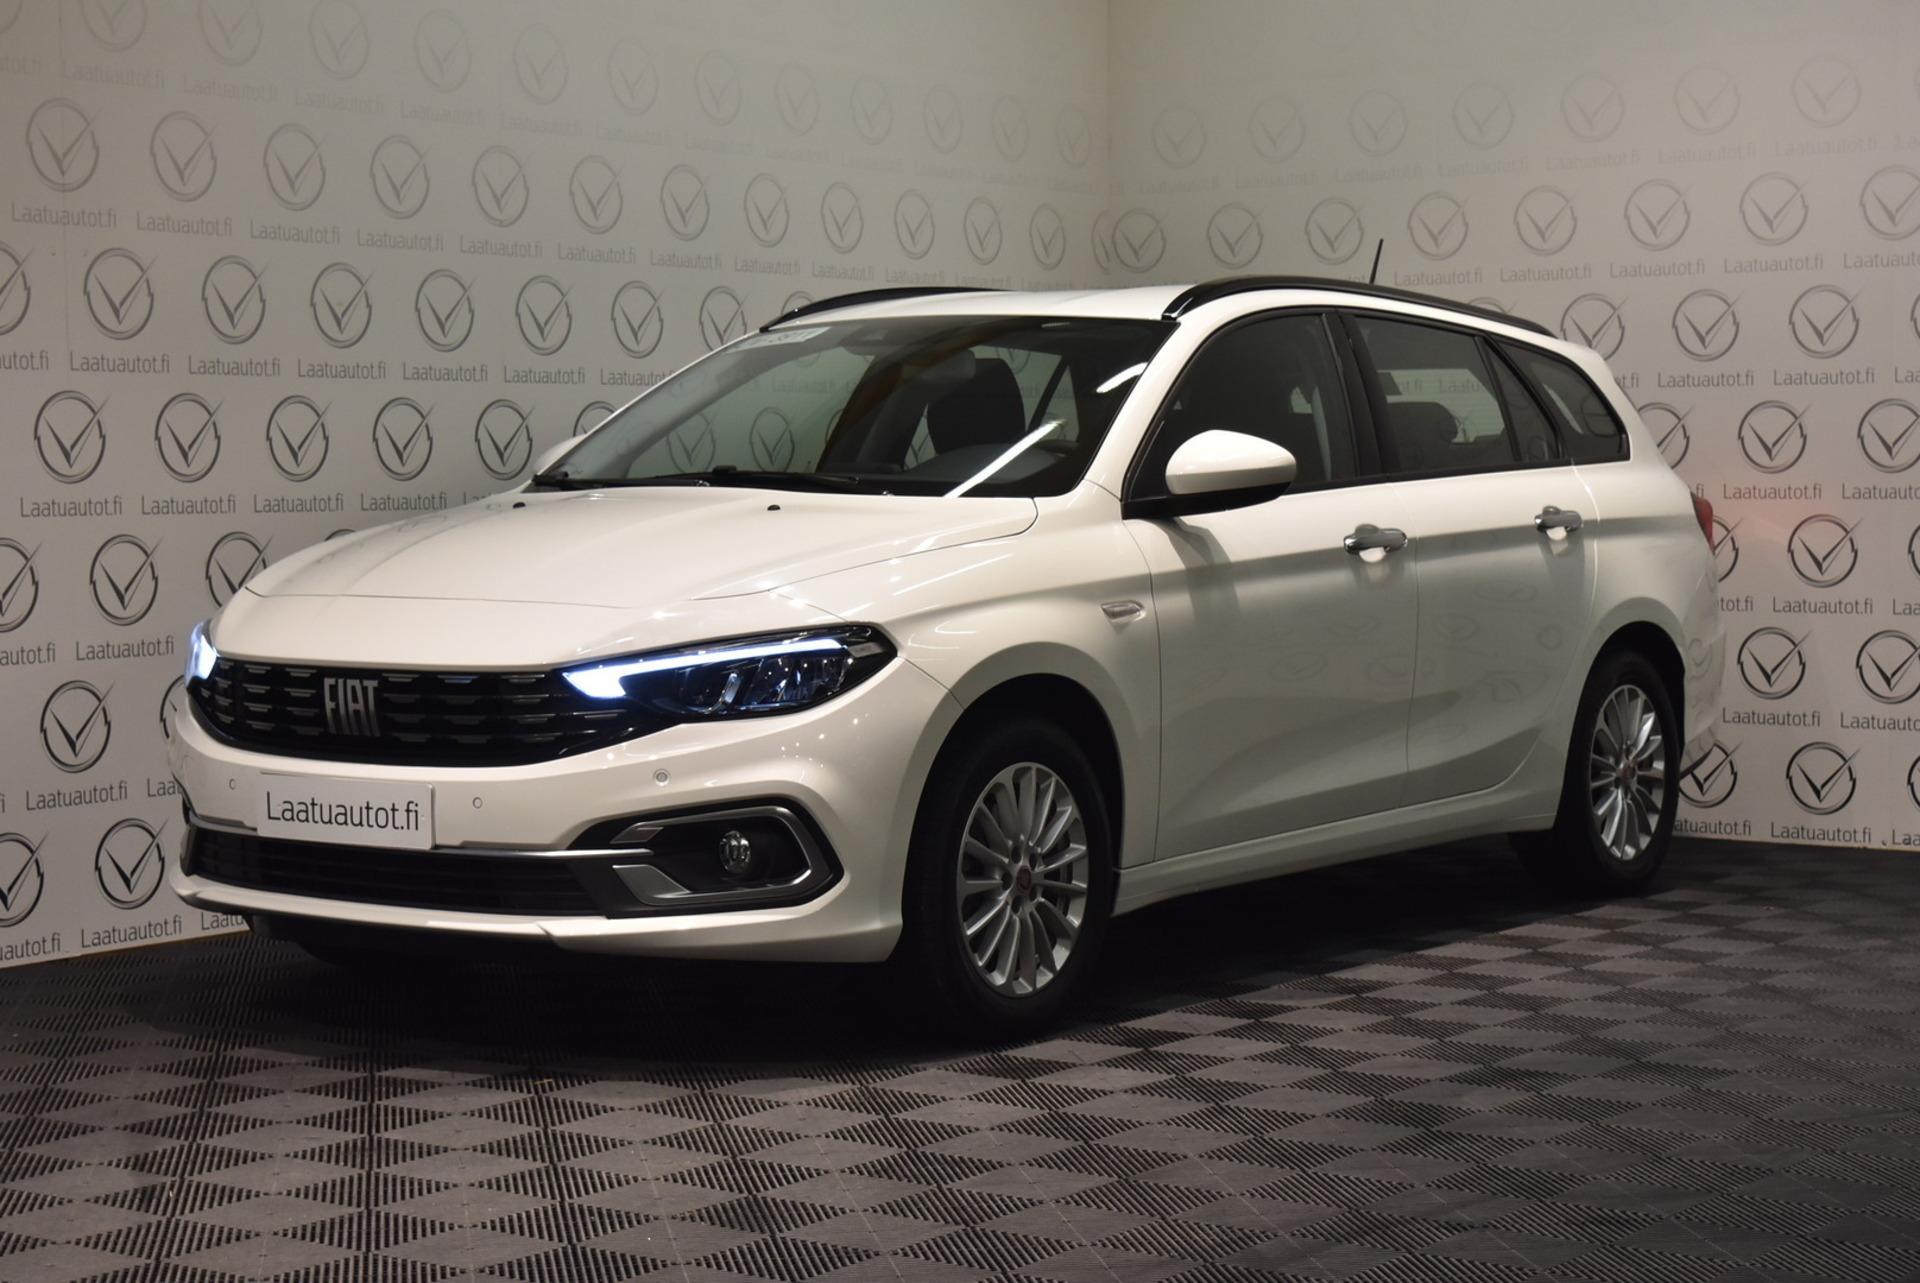 FIAT TIPO SW 1.0 100hv MT Launch Edition - Uuteen varastossa olevaan Tipo esittelyautoon vähintään 3000? hyvitys autostasi ja rahoitustarjous 0, 99% korolla syyskuun loppuun!!